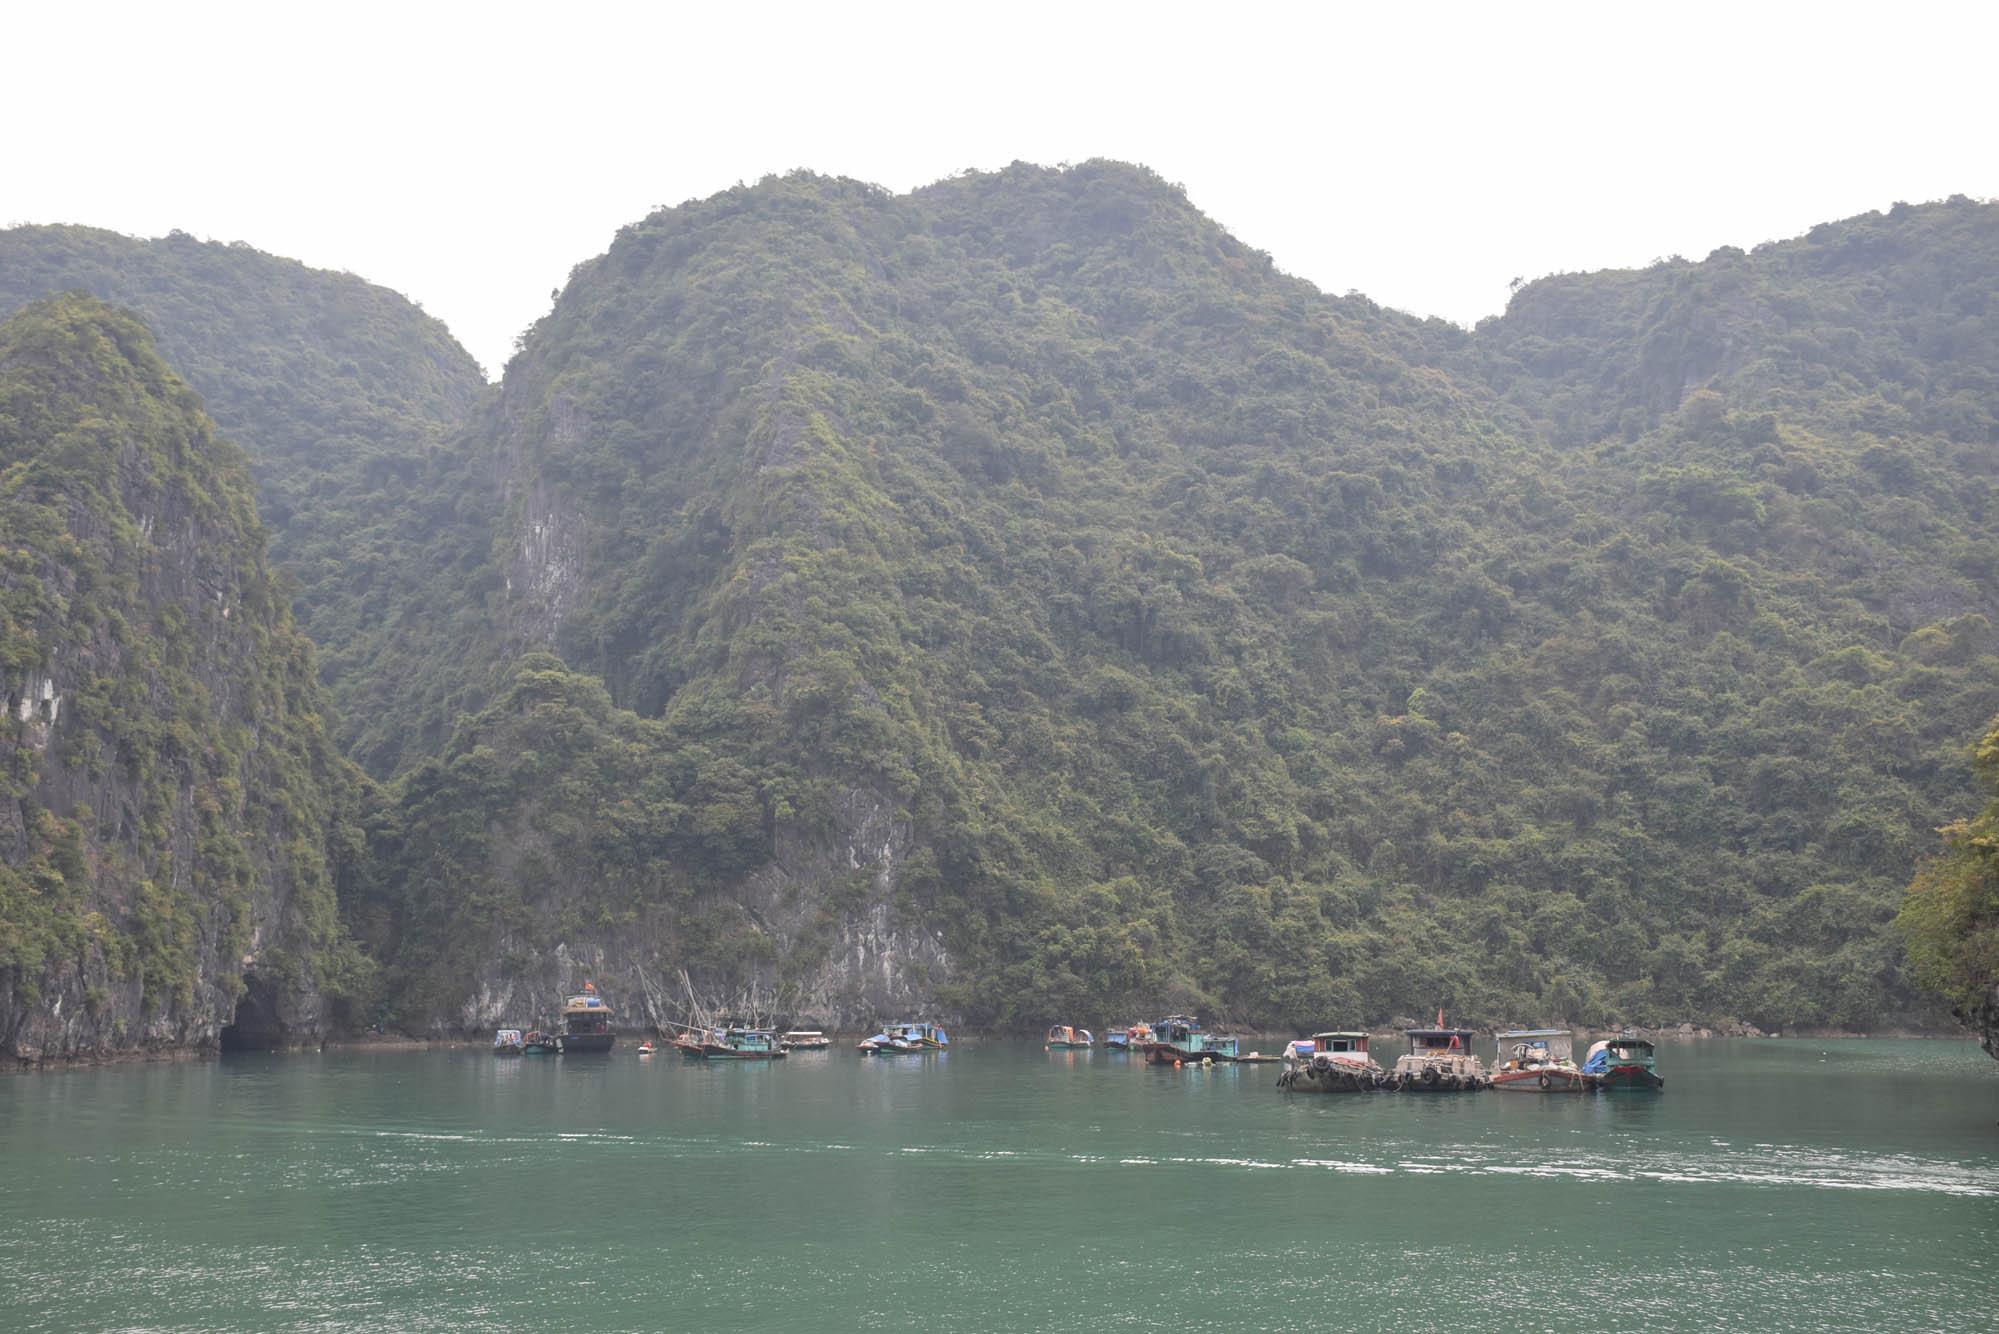 Um dos vilarejos de pescadores em Halong Bay